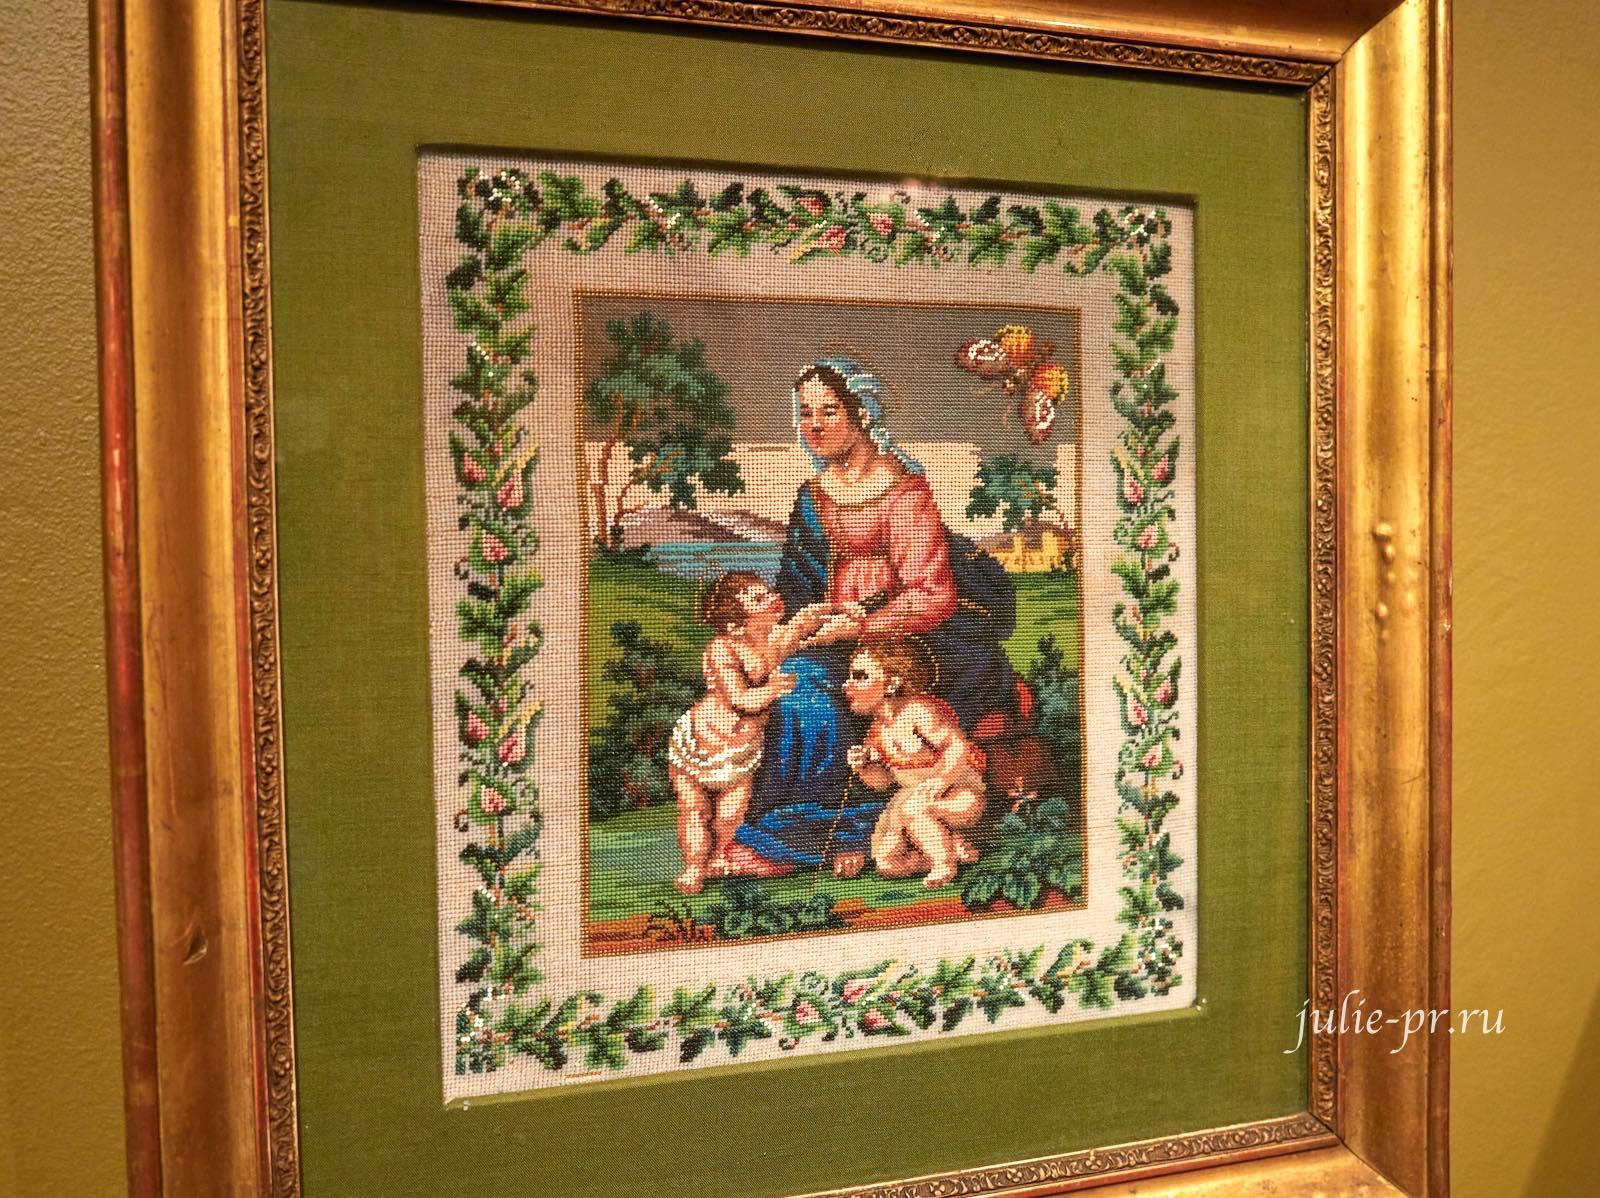 Прекрасная садовница по картине Рафаэля, вышивка венецианским бисером по канве, выставка Старинные вышивки